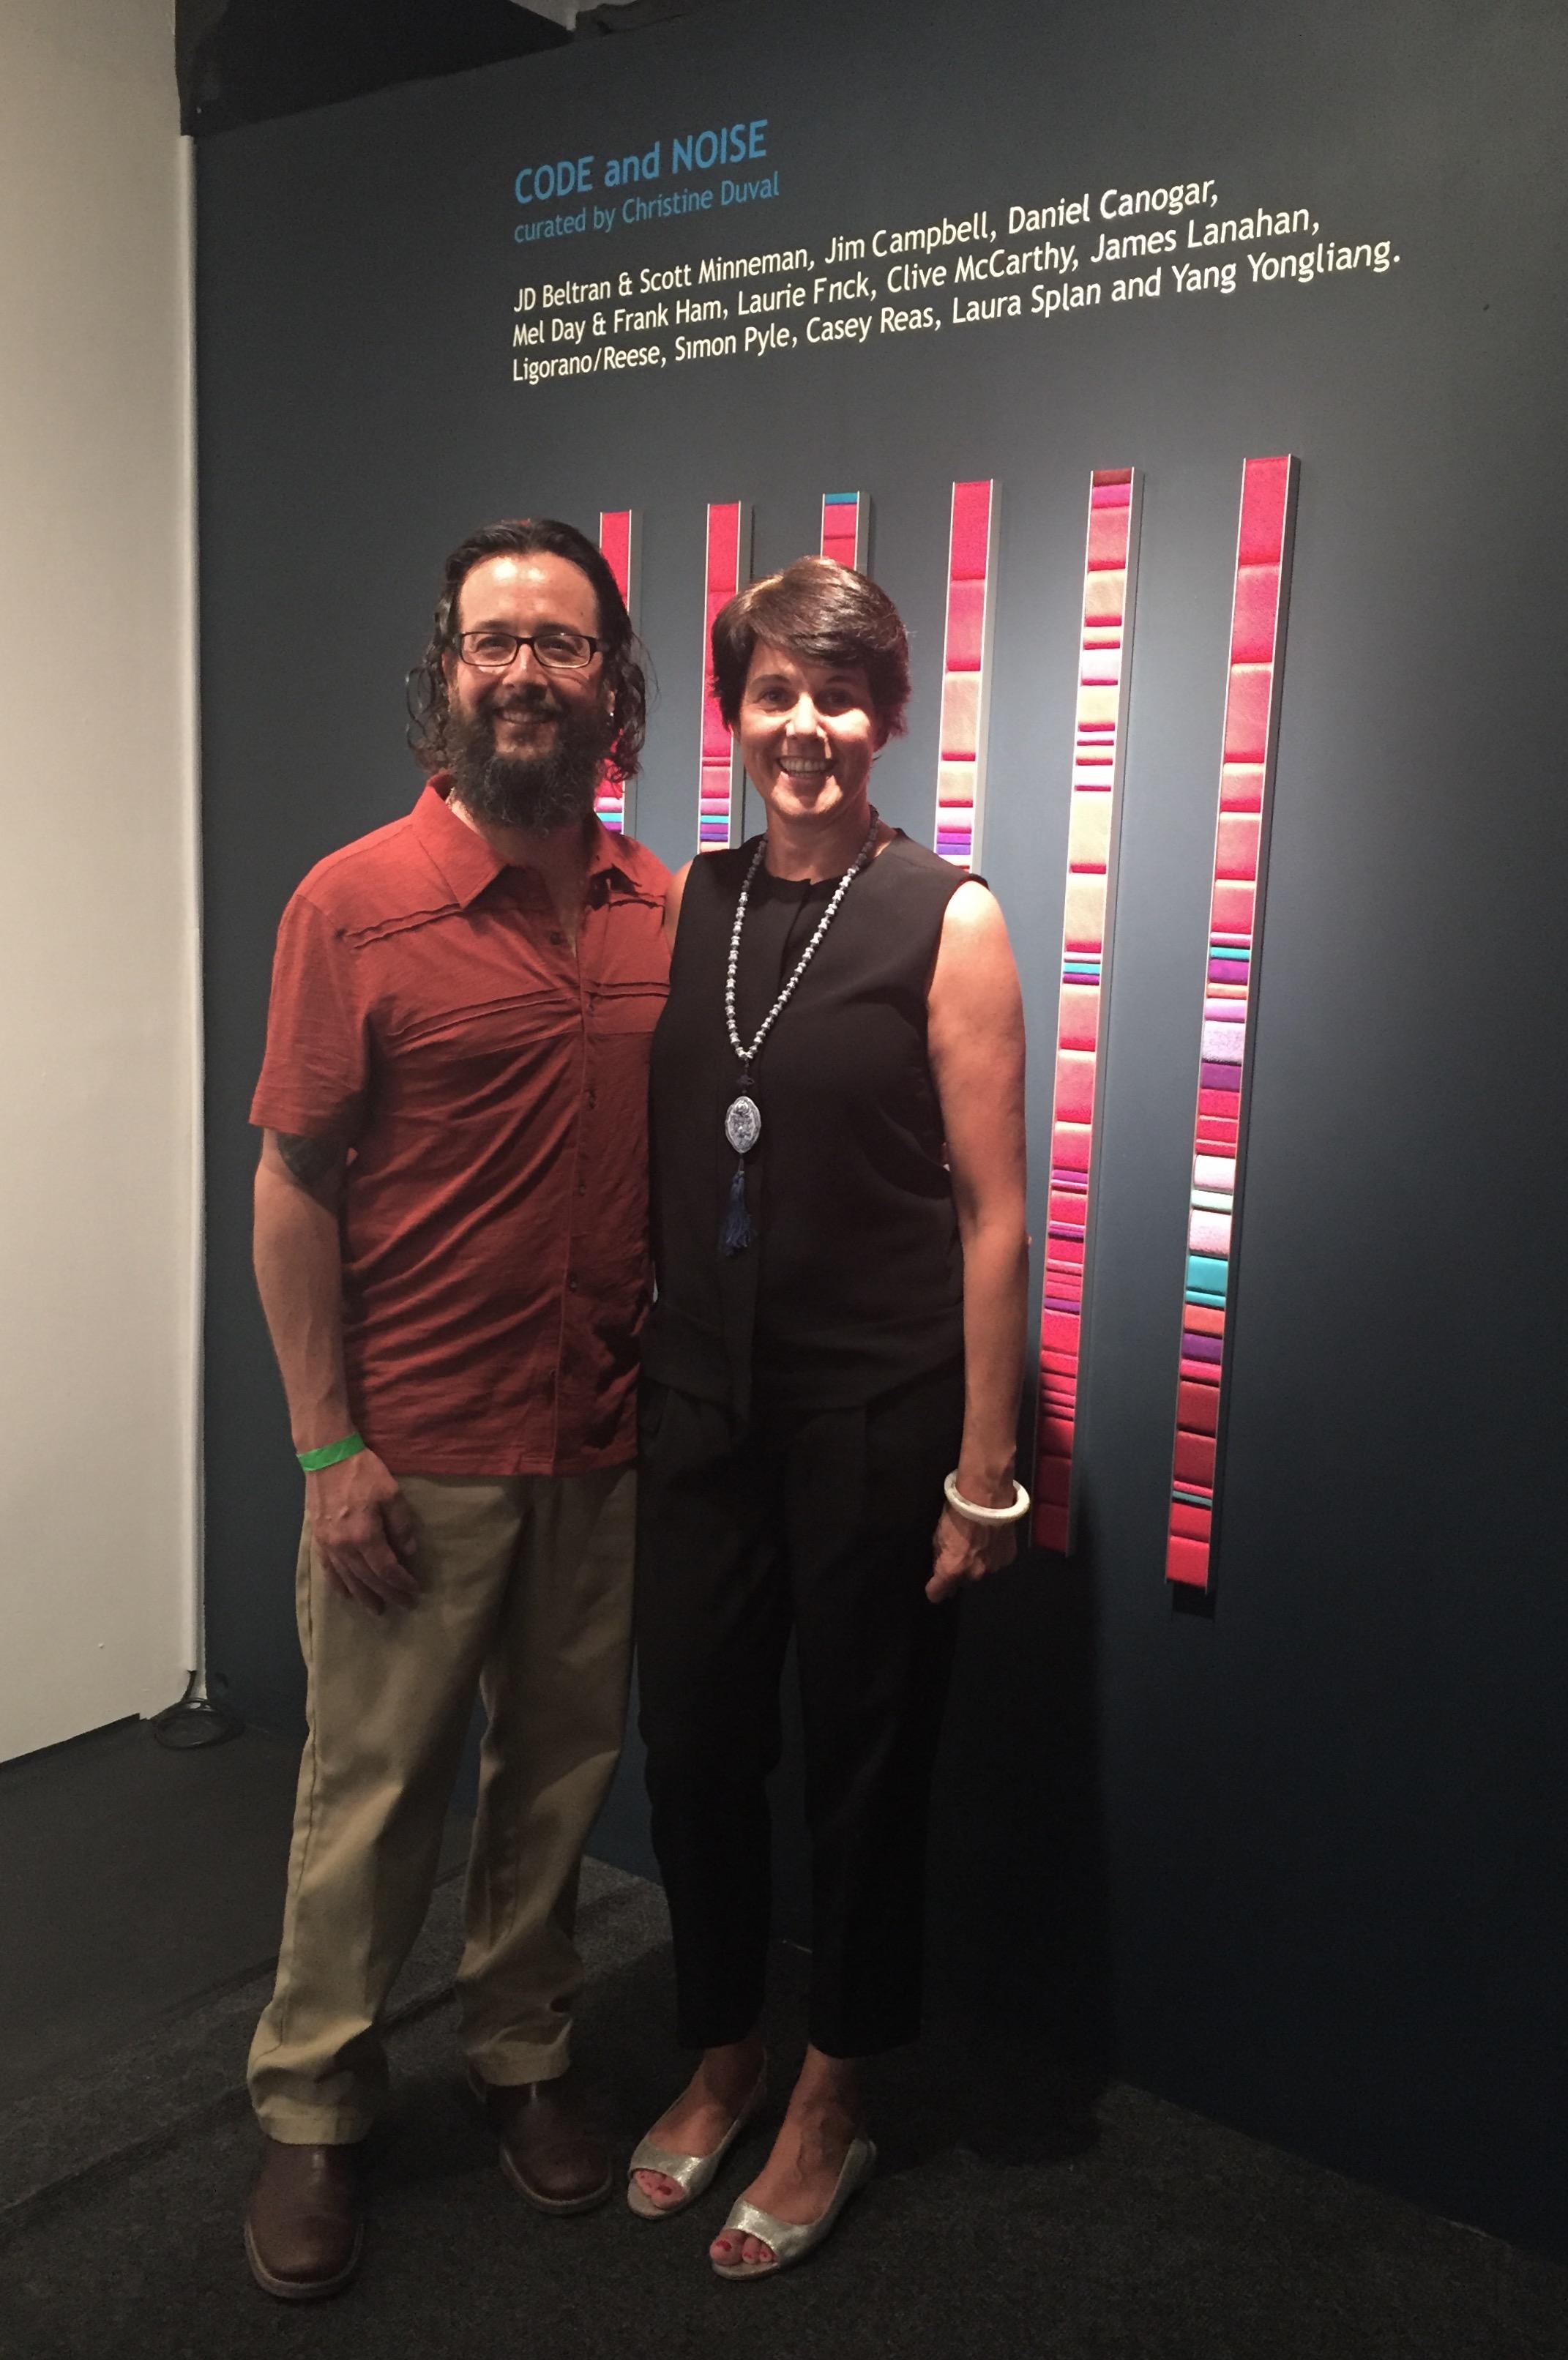 Christine Duval & Jeff Medinas